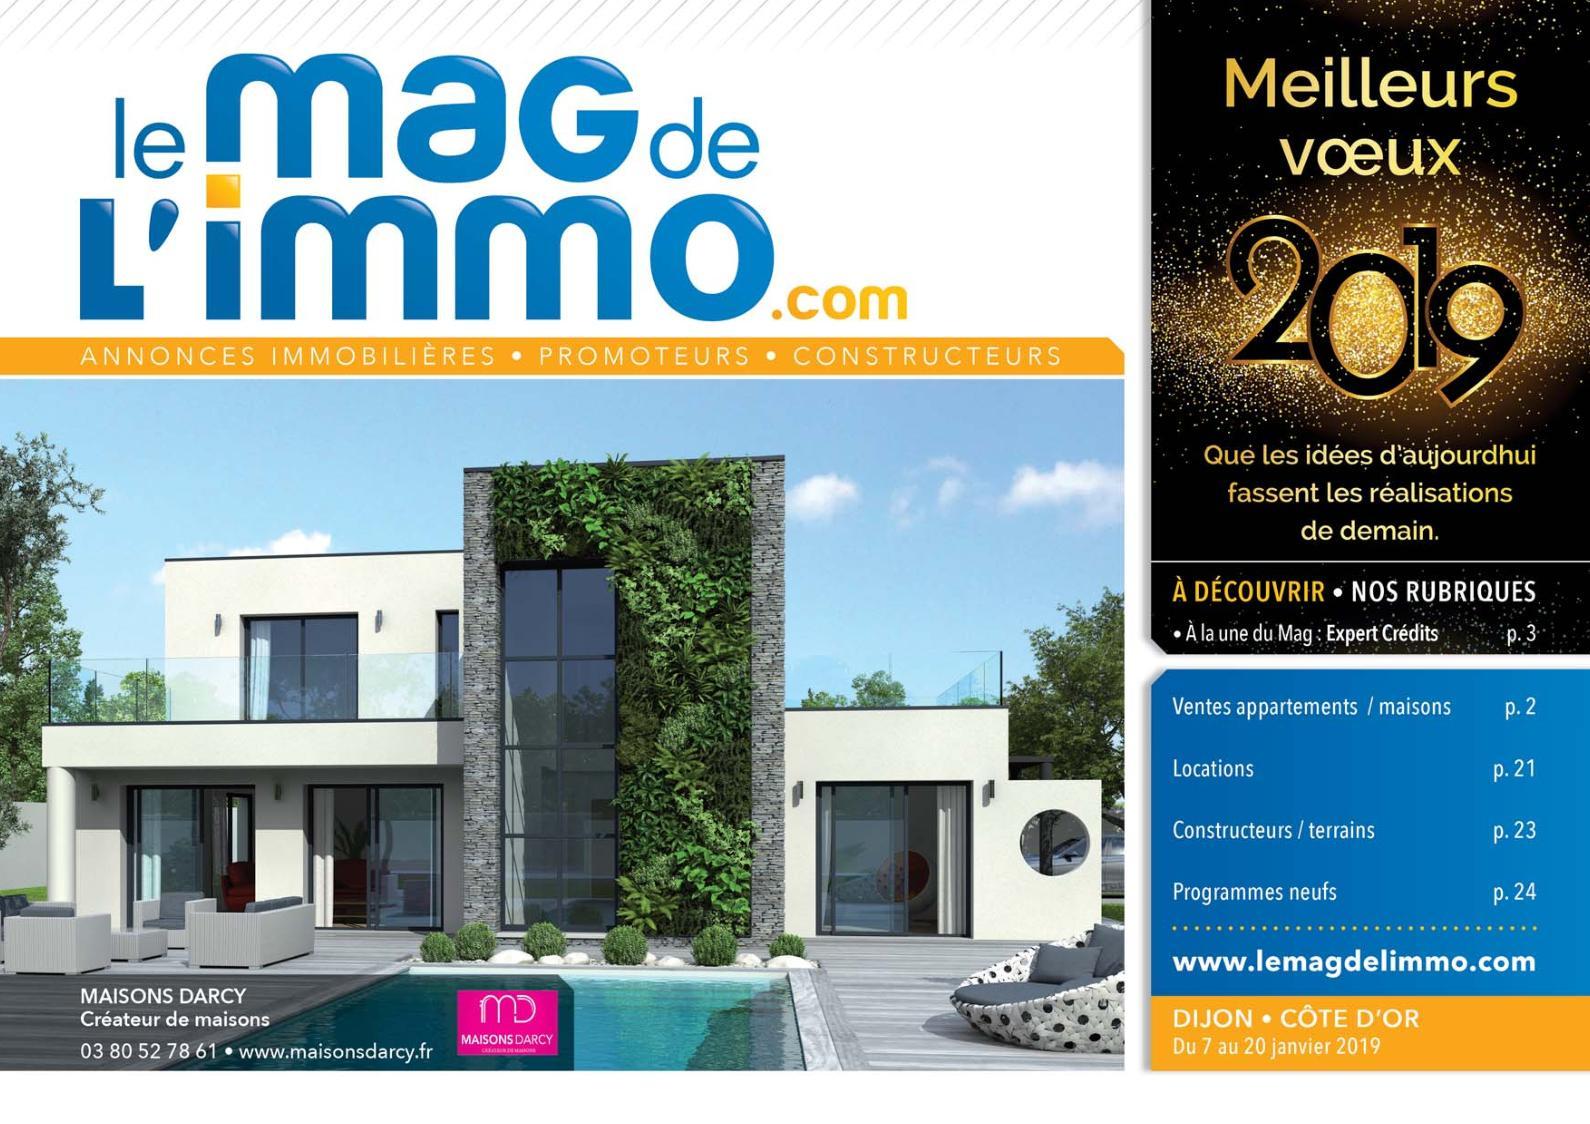 Salon De Jardin Contemporain Charmant Calaméo Le Mag De L Immo Dijon Du 7 Au 20 Janvier 2019 Of 29 Unique Salon De Jardin Contemporain